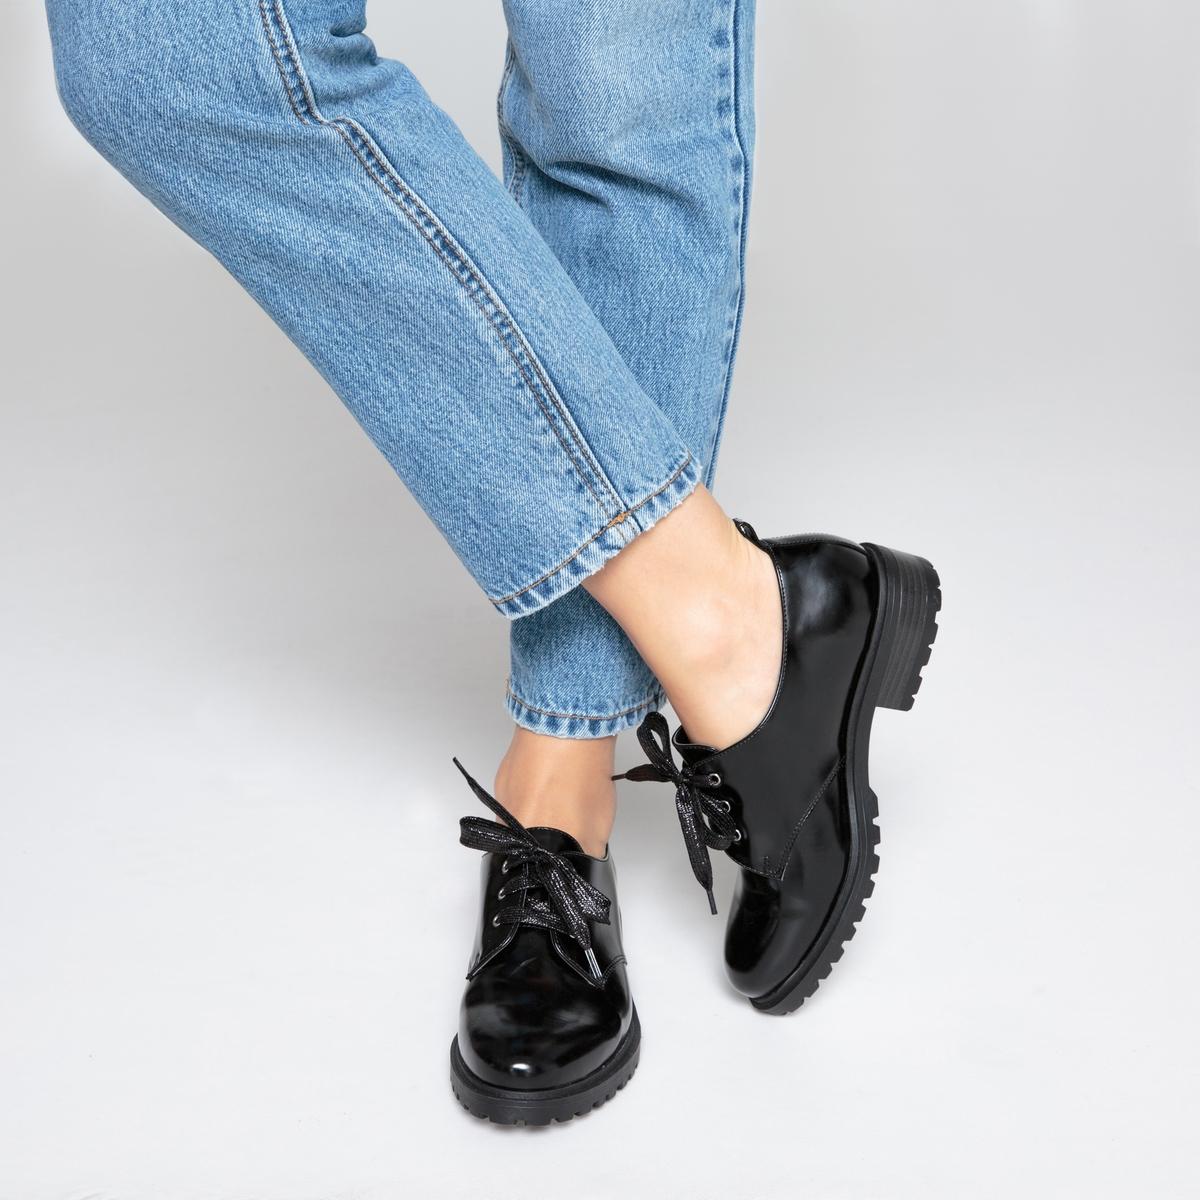 Ботинки-дерби в стиле рок